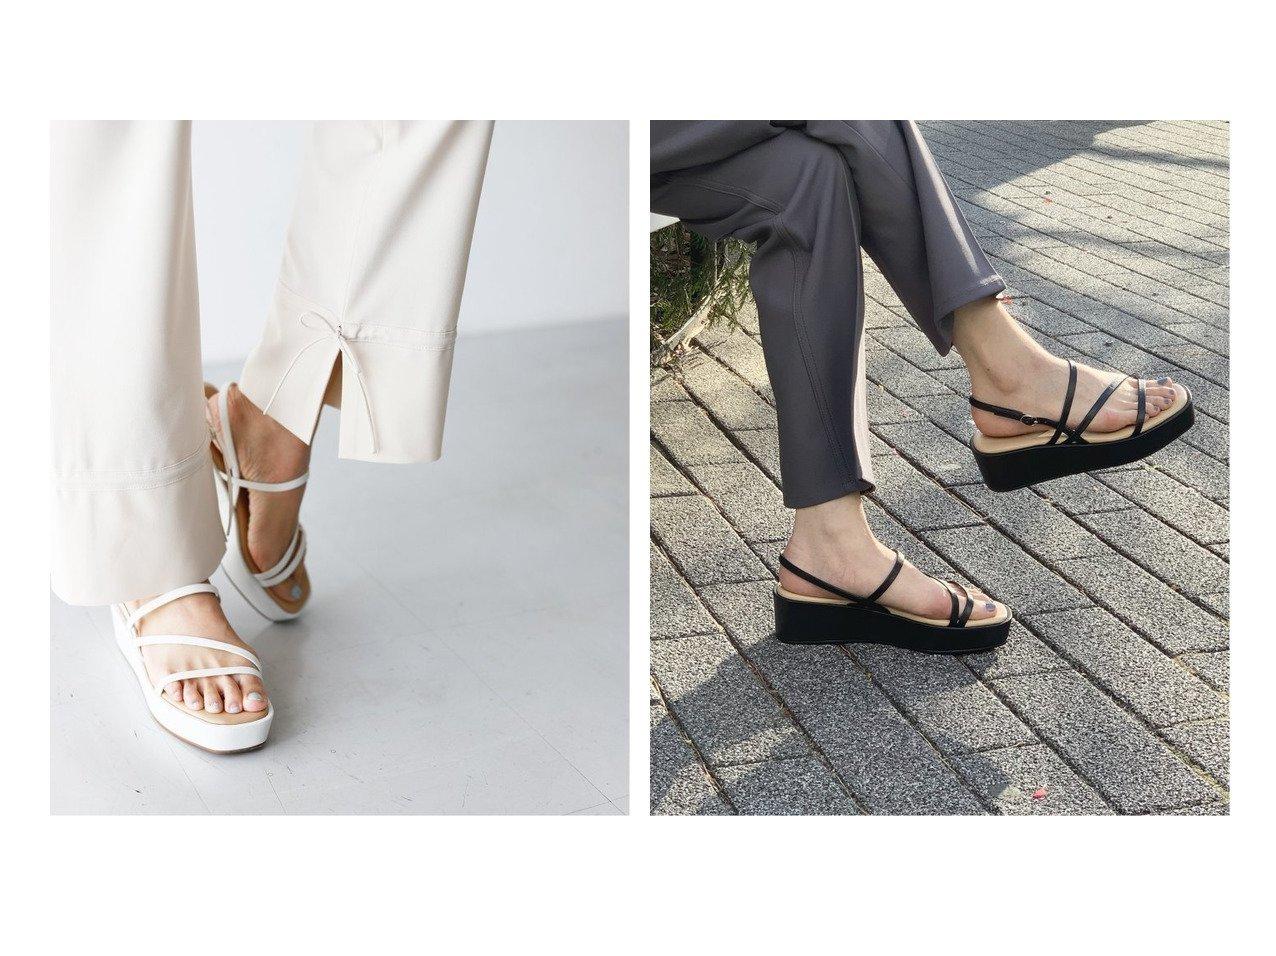 【SLOBE IENA/スローブ イエナ】のSLOBE IENA プラットフォームサンダル 【シューズ・靴】おすすめ!人気、トレンド・レディースファッションの通販  おすすめで人気の流行・トレンド、ファッションの通販商品 インテリア・家具・メンズファッション・キッズファッション・レディースファッション・服の通販 founy(ファニー) https://founy.com/ ファッション Fashion レディースファッション WOMEN 2021年 2021 2021春夏・S/S SS/Spring/Summer/2021 S/S・春夏 SS・Spring/Summer インソール クッション サンダル シューズ トレンド フェミニン ラップ |ID:crp329100000053896